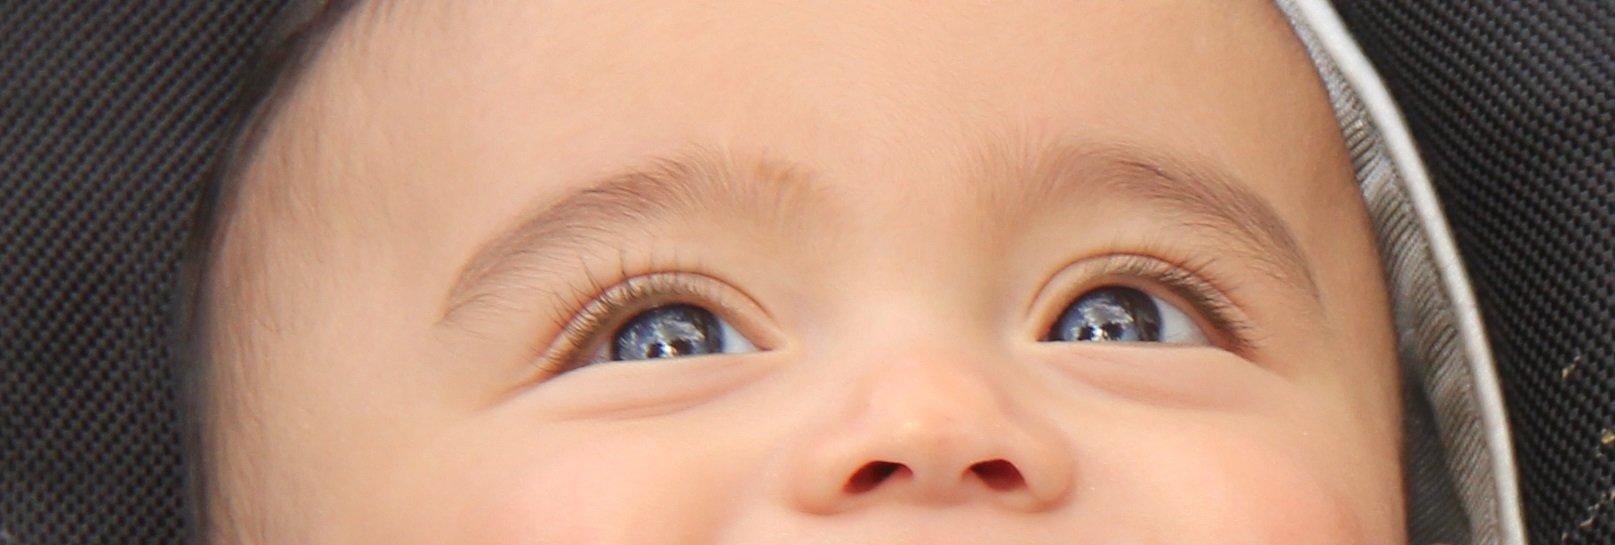 sintomas de retinopatia da prematuridade